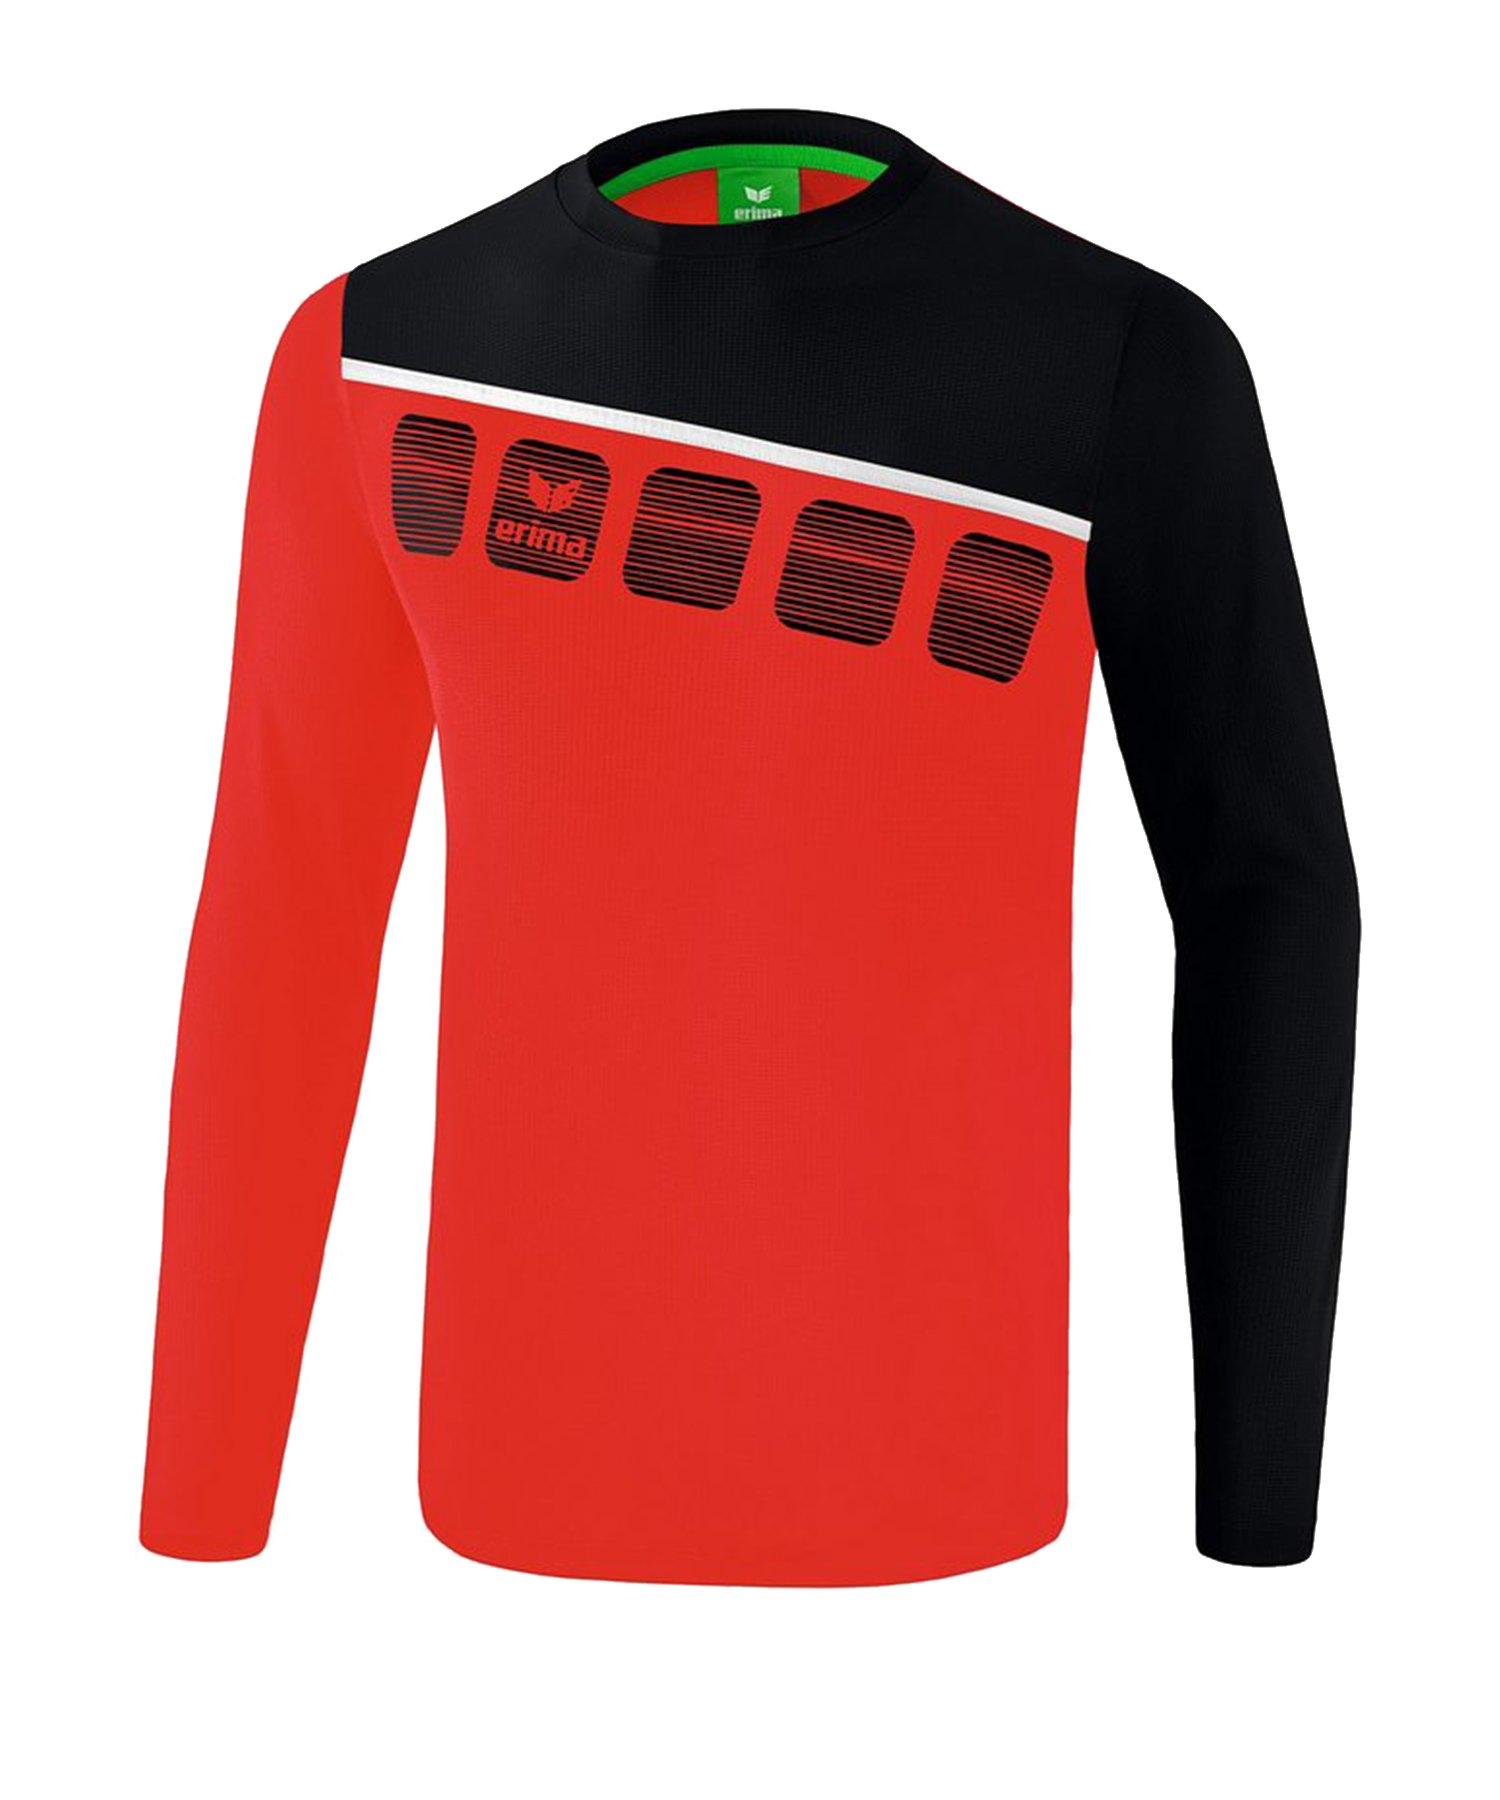 Erima 5-C Longsleeve Rot Schwarz - Rot